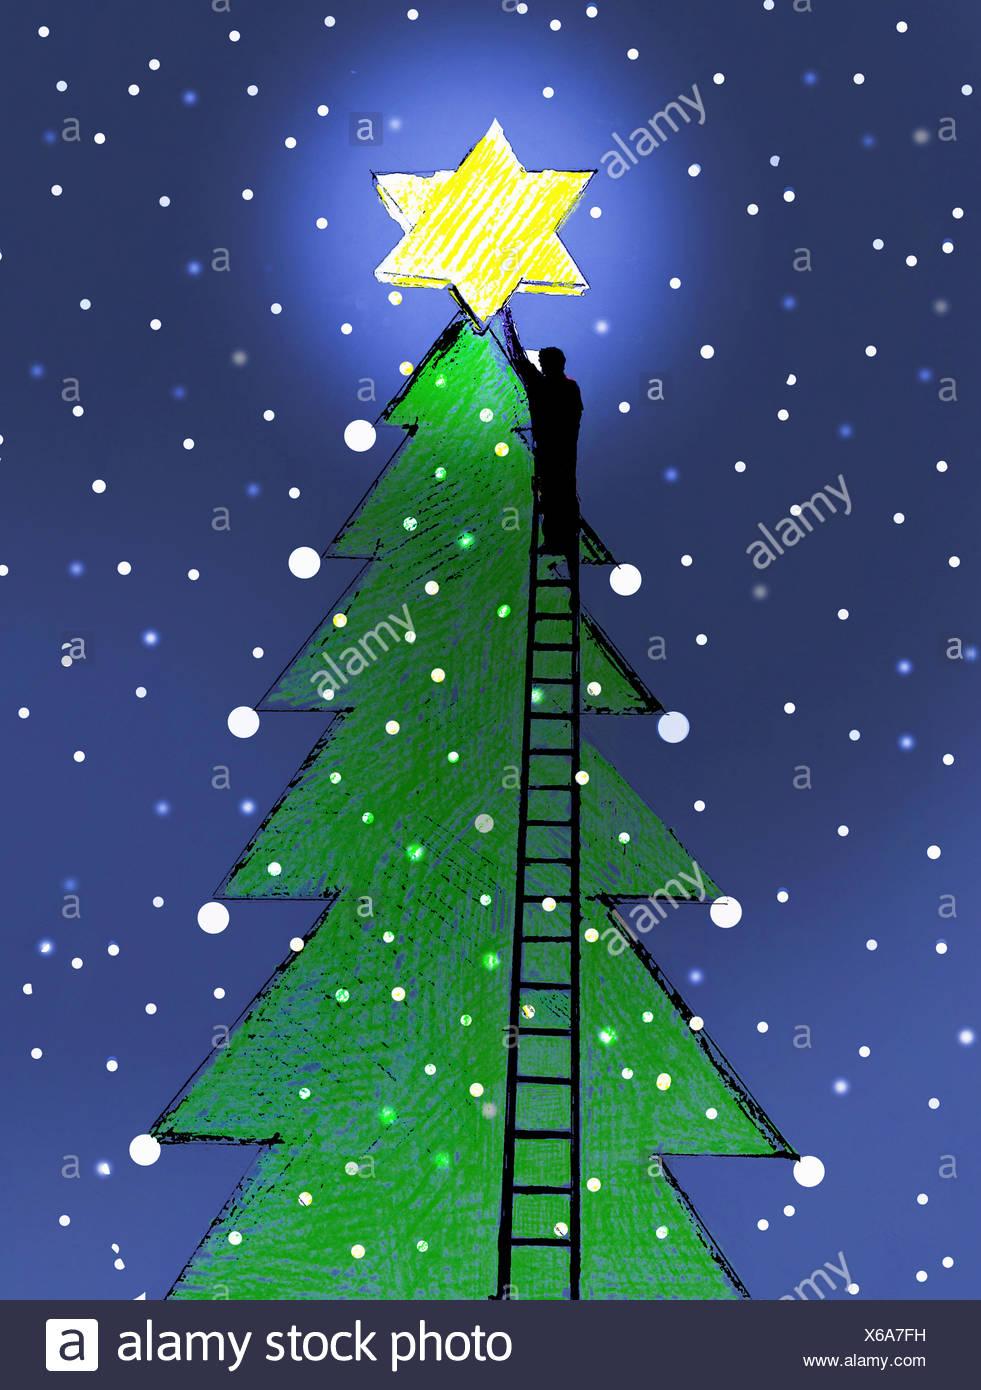 Christmases Stockfotos & Christmases Bilder - Alamy